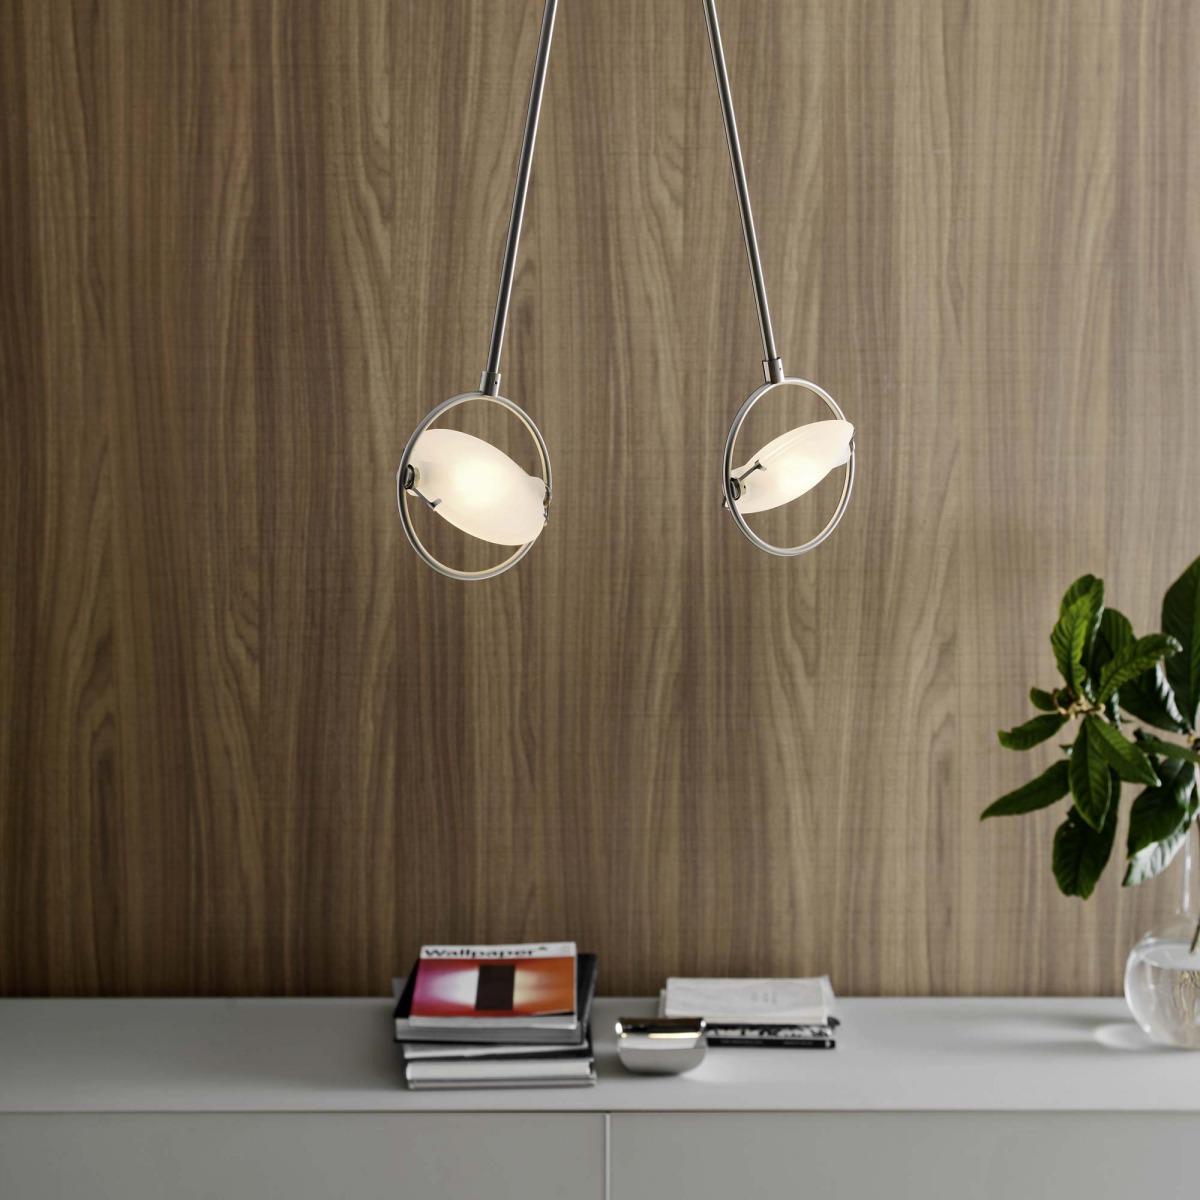 Nobi 2 Suspension Lamp - Marquis HnC